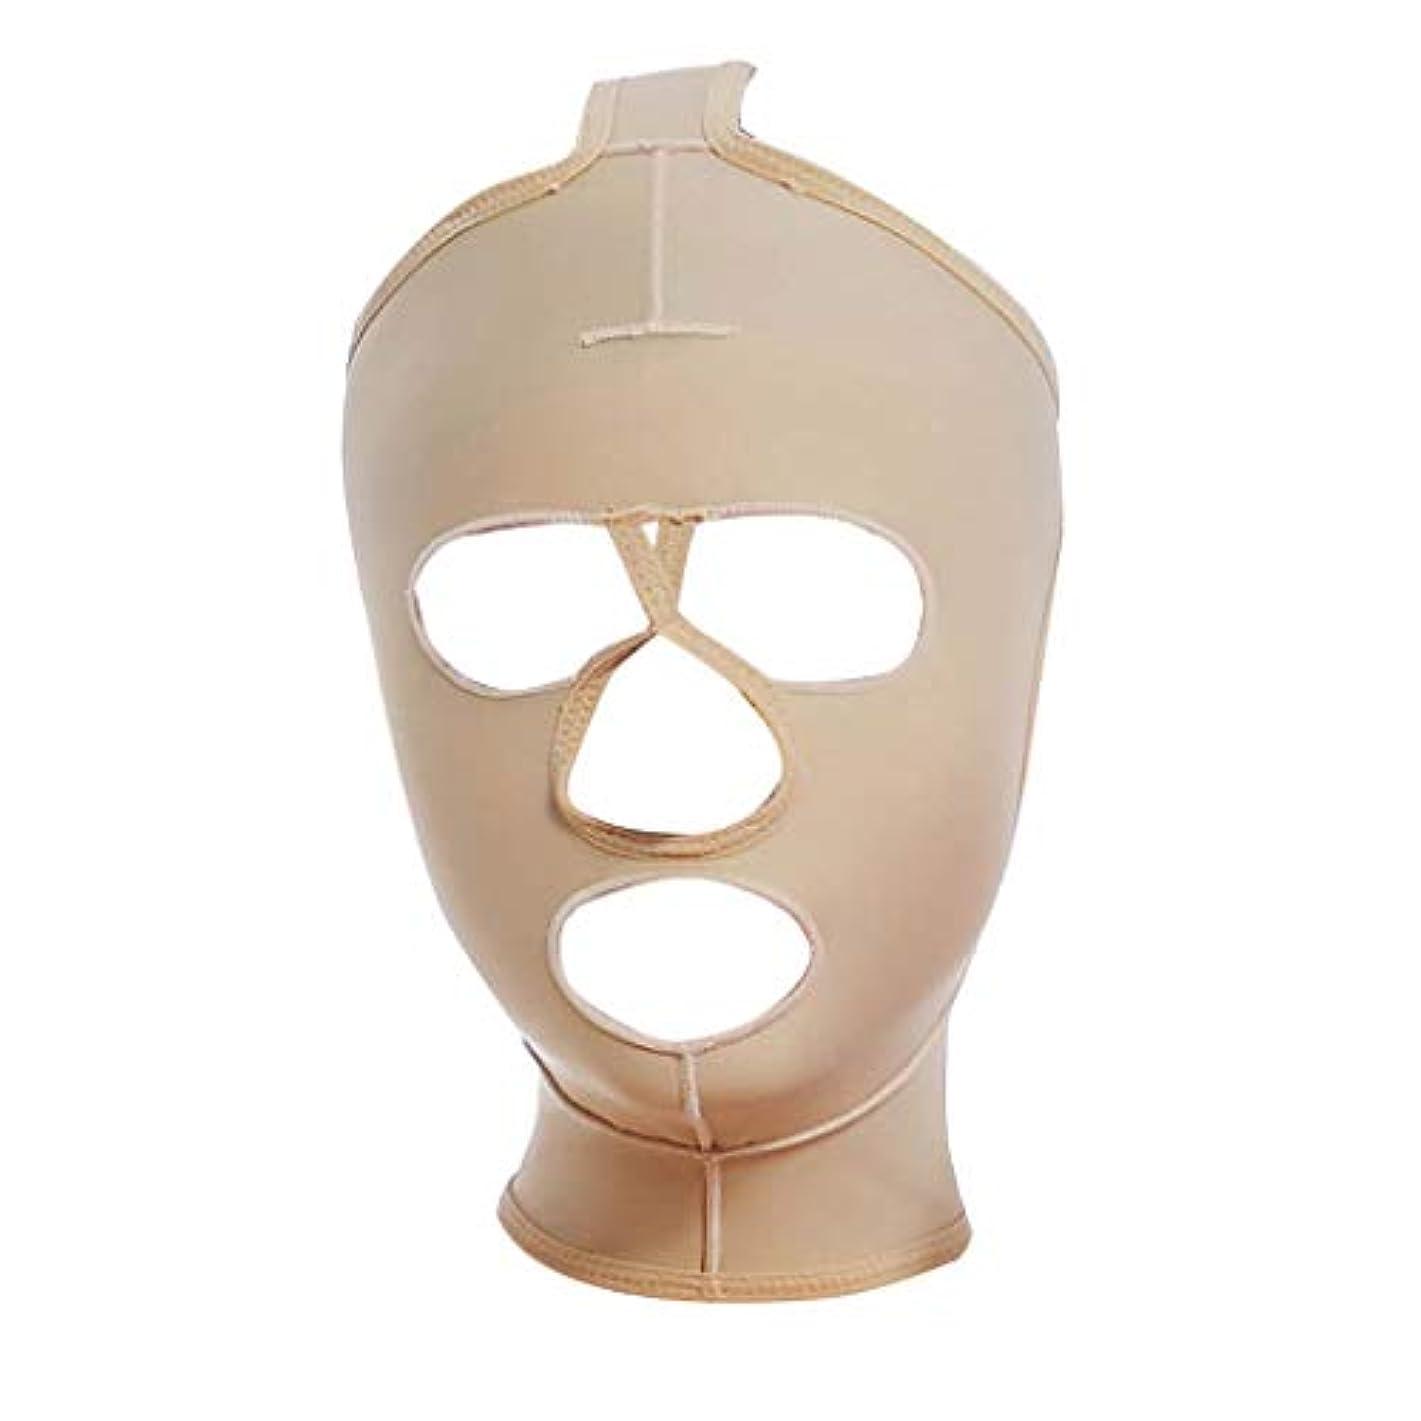 XHLMRMJ フェイス&ネックリフト、減量フェイスマスク脂肪吸引術脂肪吸引術整形マスクフードフェイスリフティングアーティファクトVフェイスビームフェイスエラスティックスリーブ (Size : S)